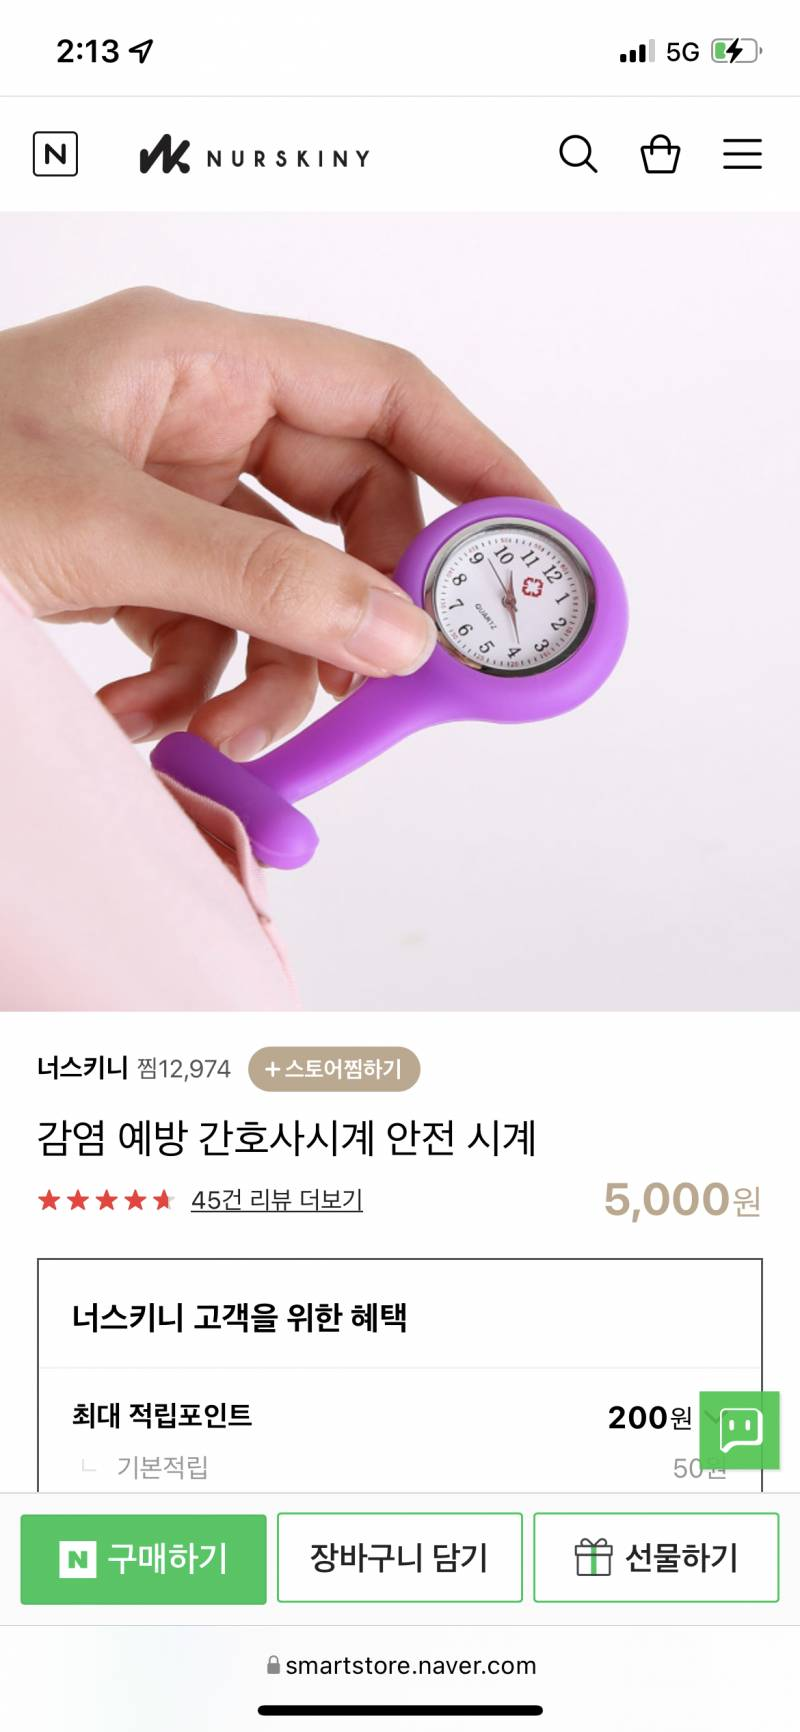 신규 간호사 선물 고를건데ㅠㅠ간호사 익들 제발 한번만 도와줘 ㅠㅠㅜㅜ | 인스티즈